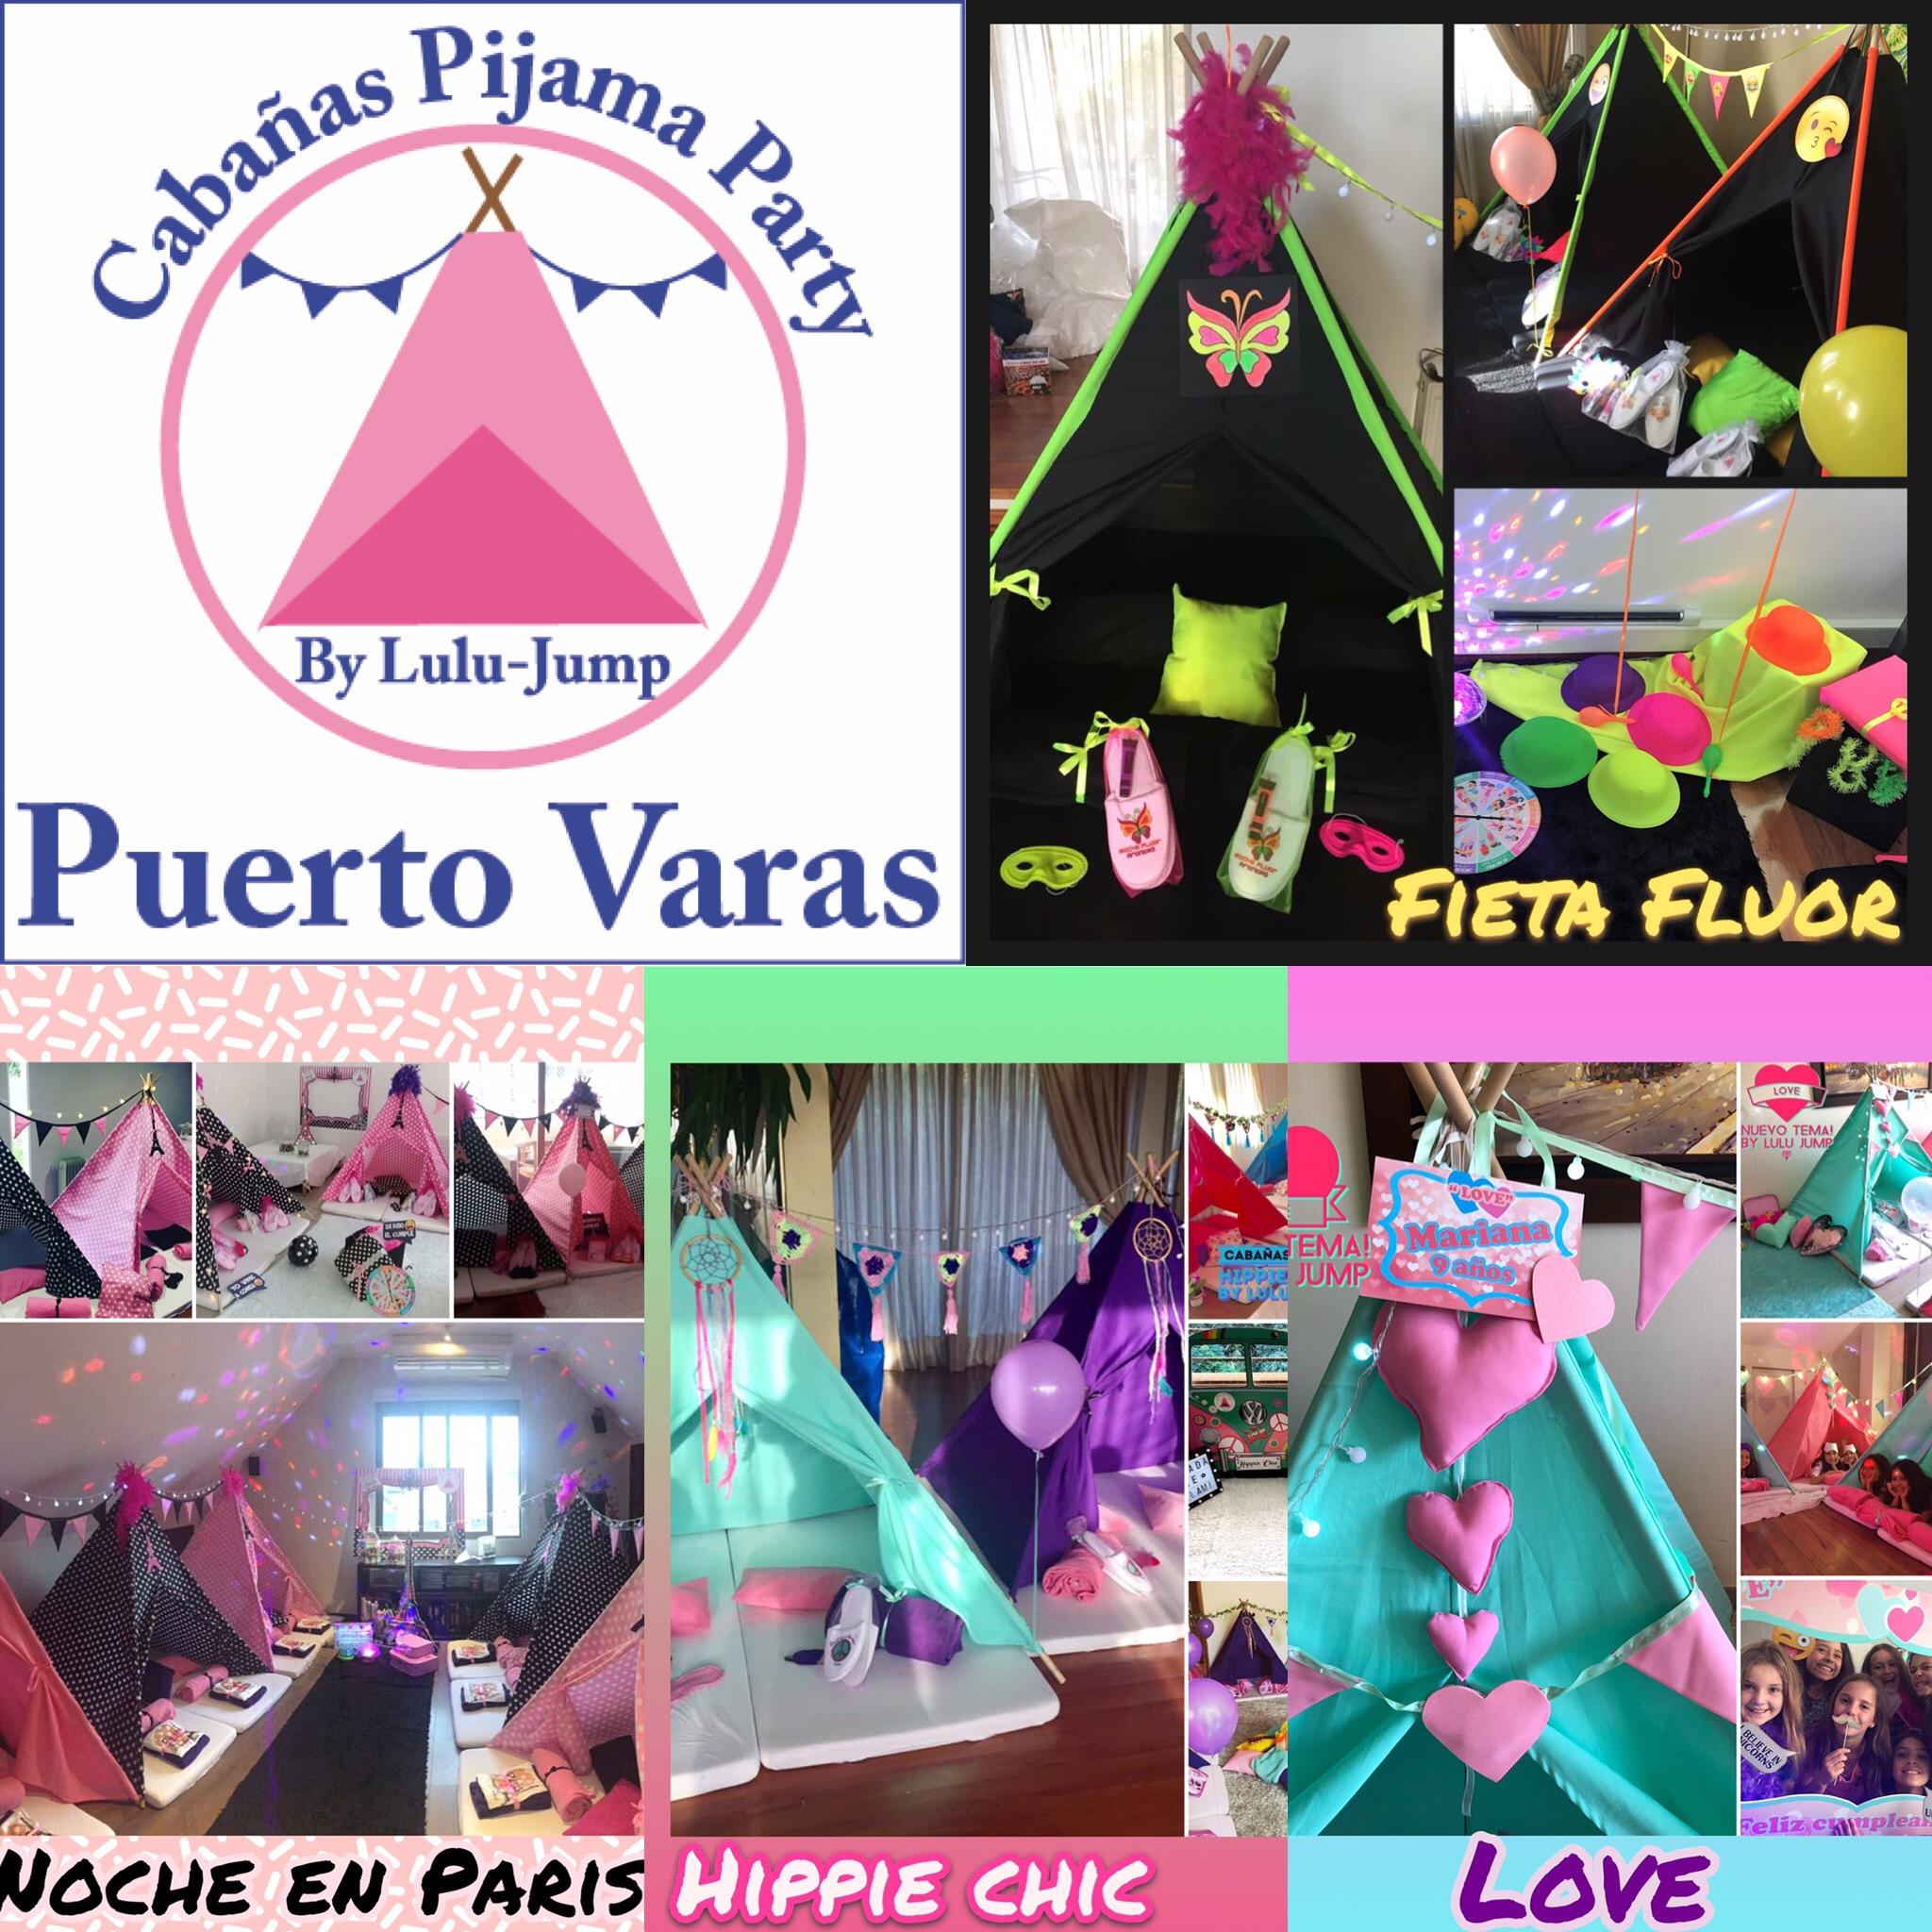 Cabañas Pijama Party Puerto Varas